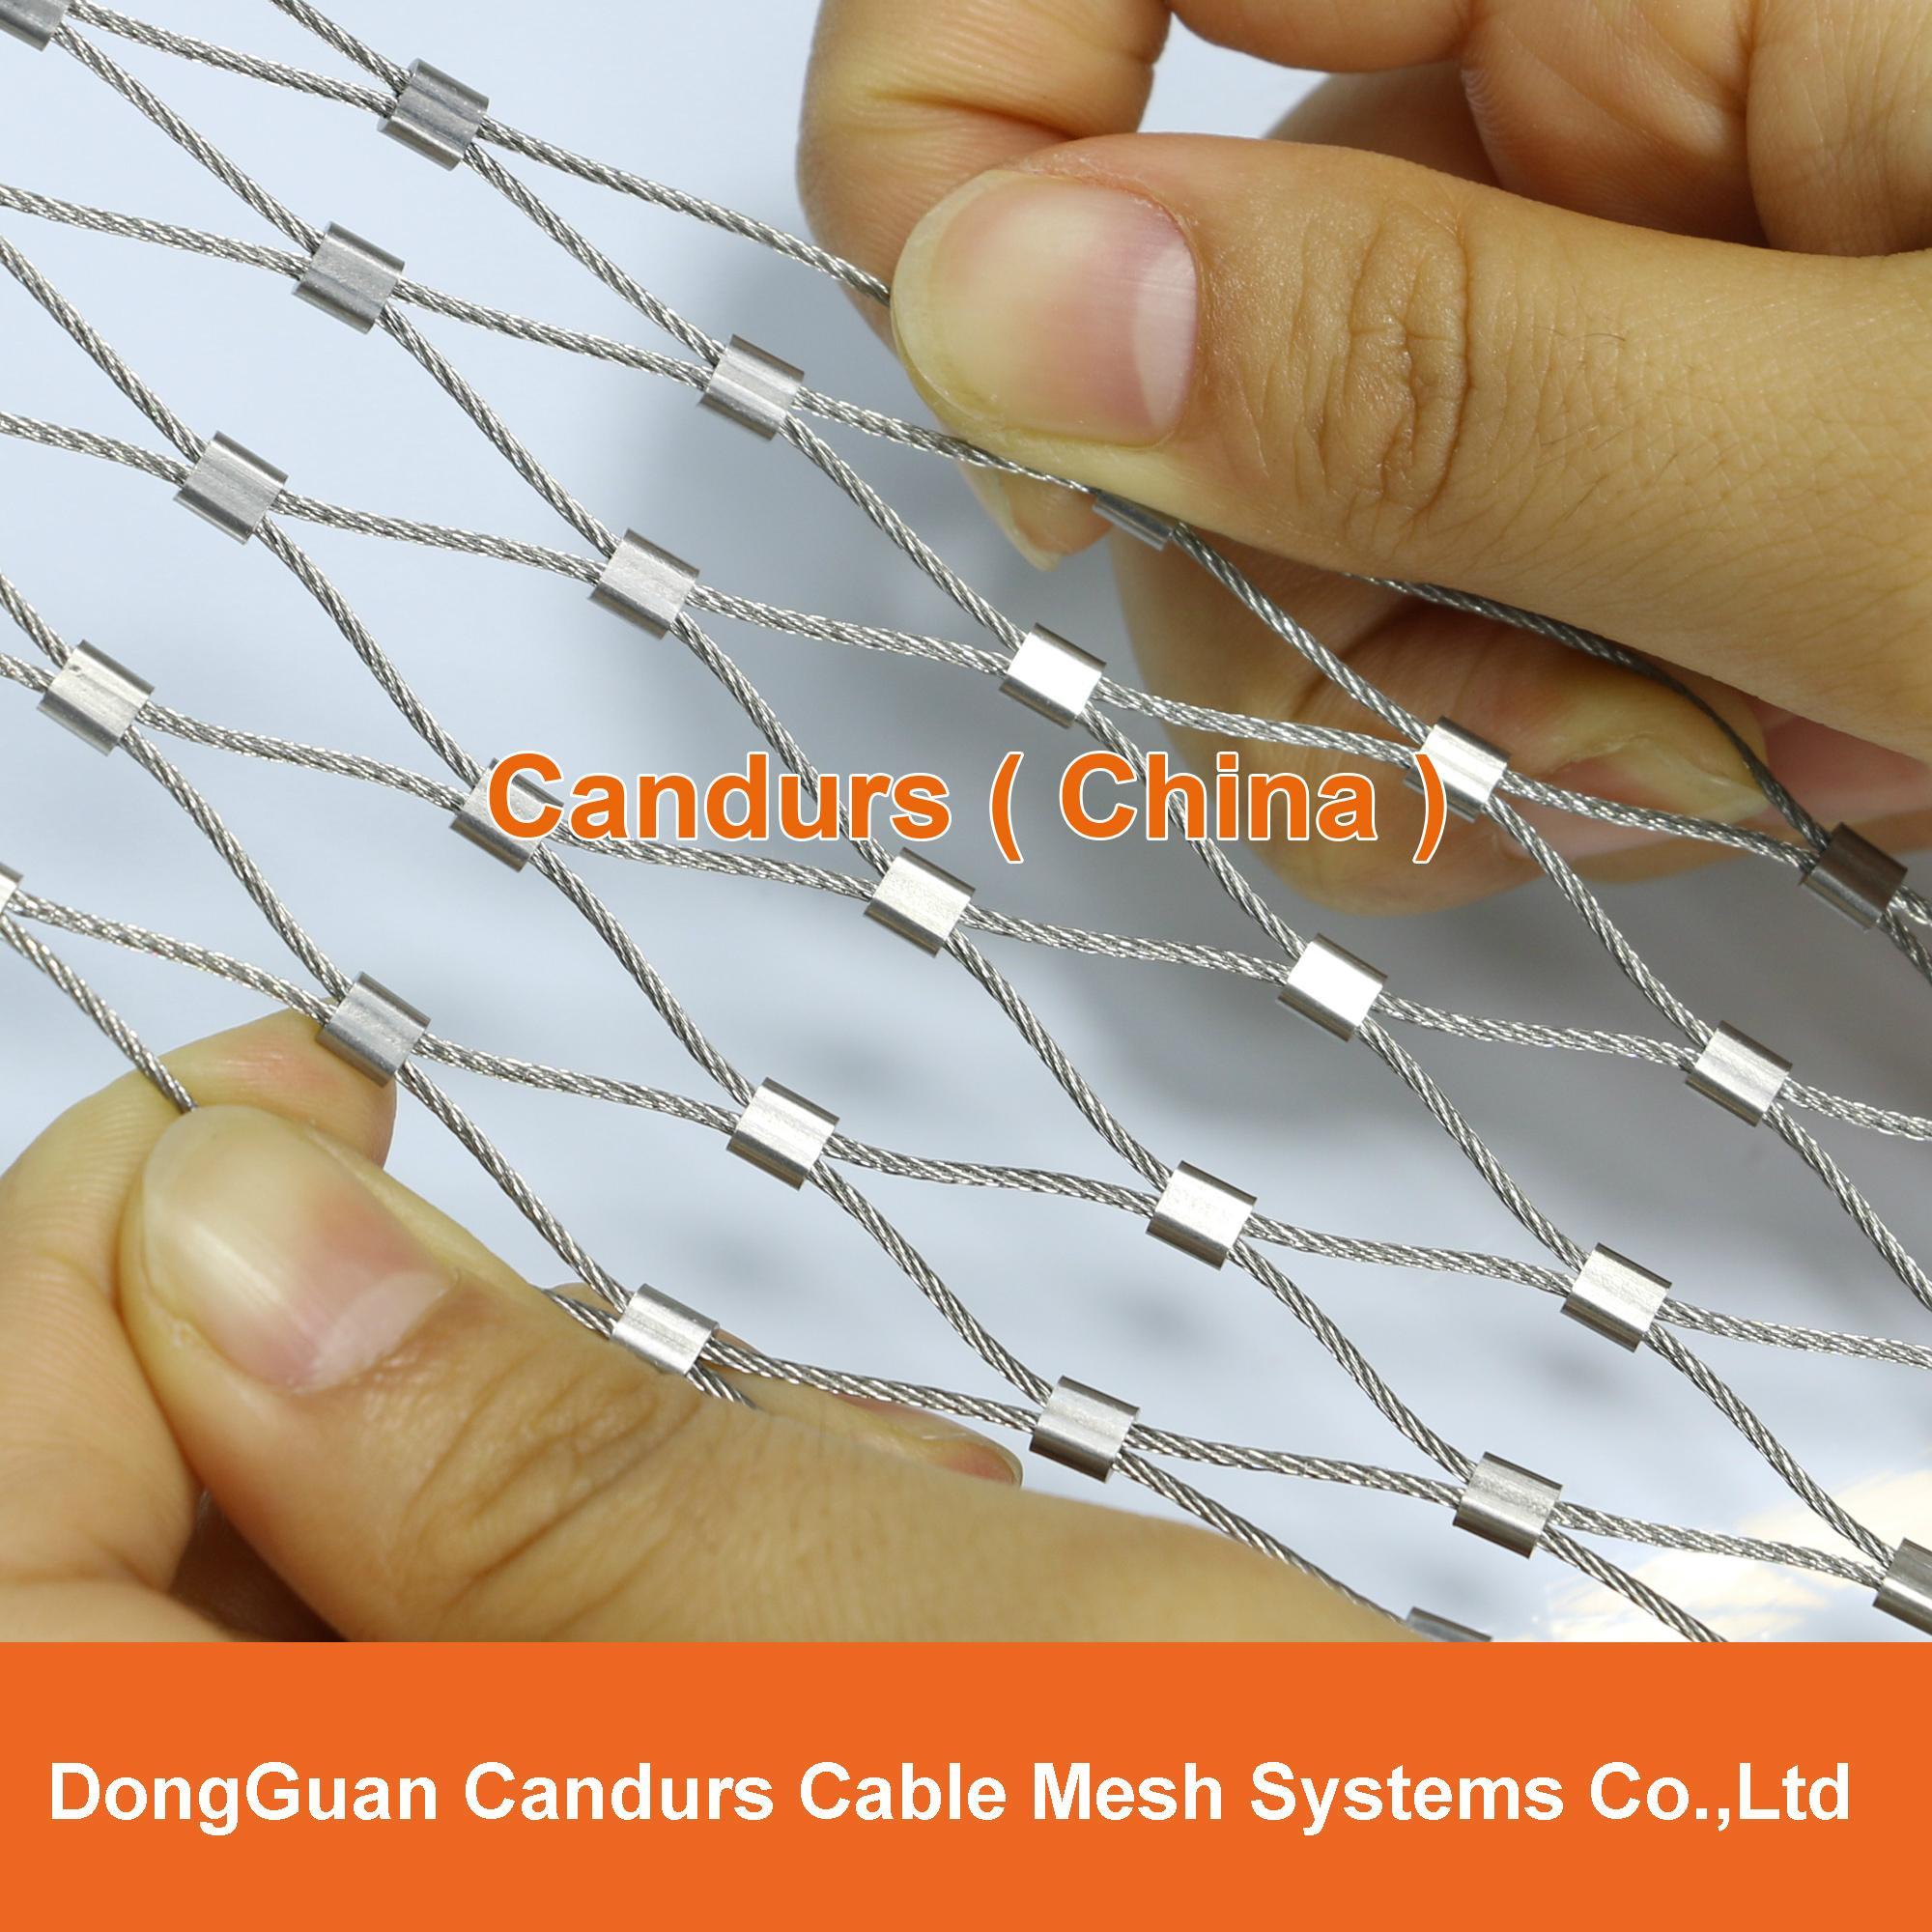 不锈钢丝绳耐用楼梯防护安全网 2